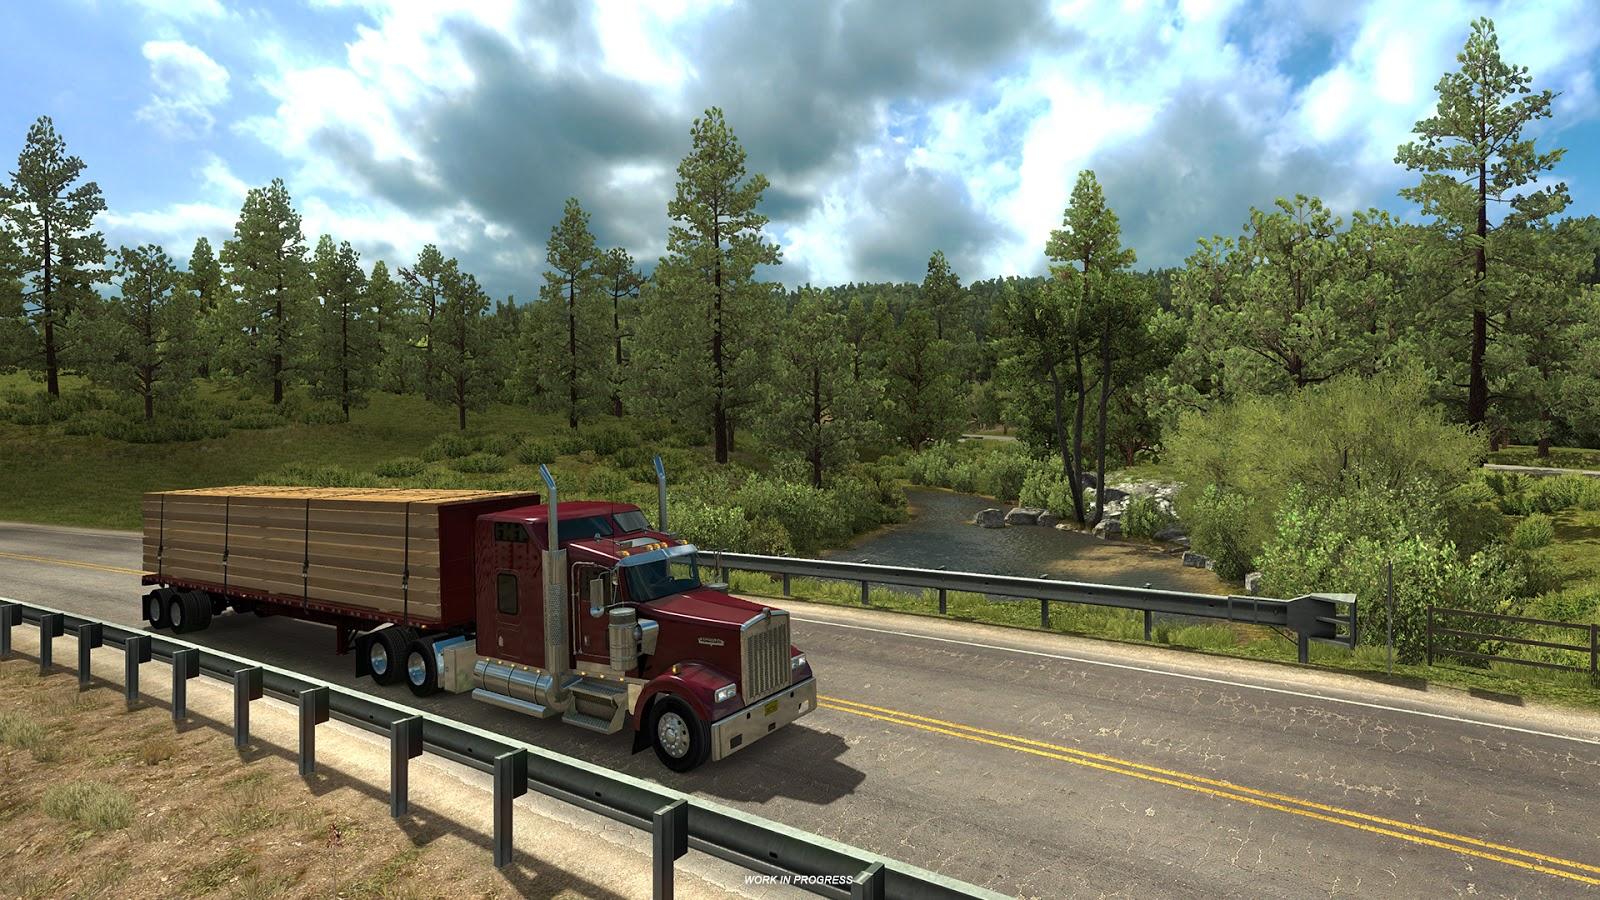 Pokochejte se Novým Mexikem z American Truck Simulatoru 146366